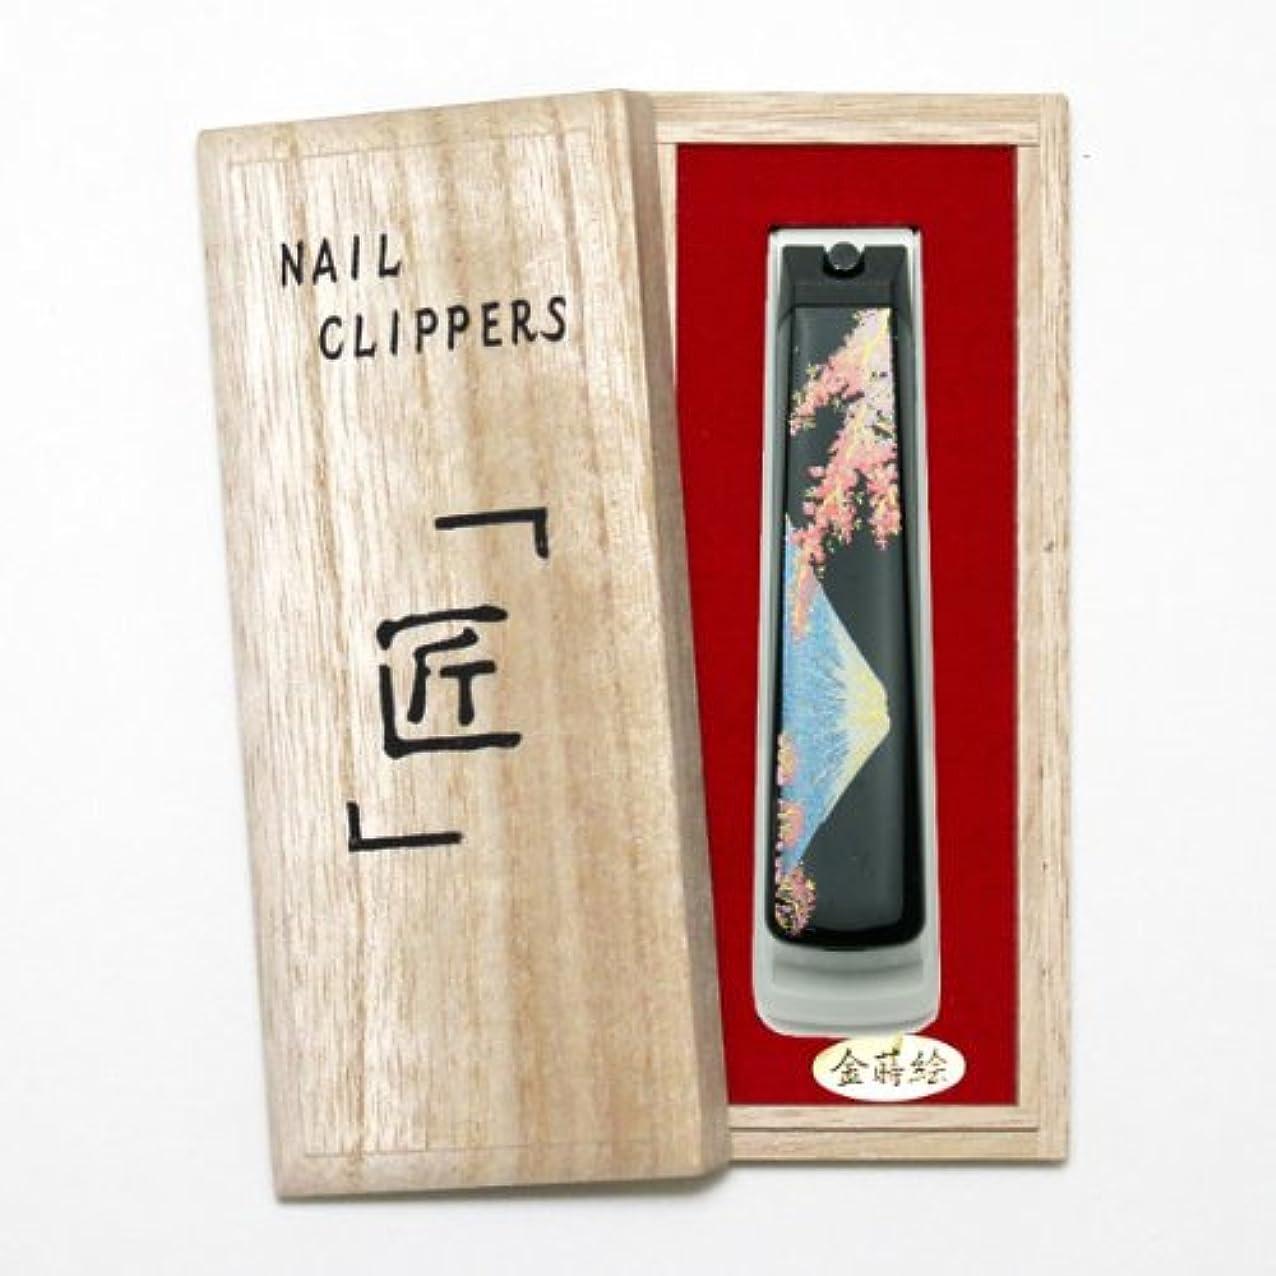 リーダーシップ信じられない確率橋本漆芸 蒔絵爪切り ミニサイズ 富士に桜 桐箱